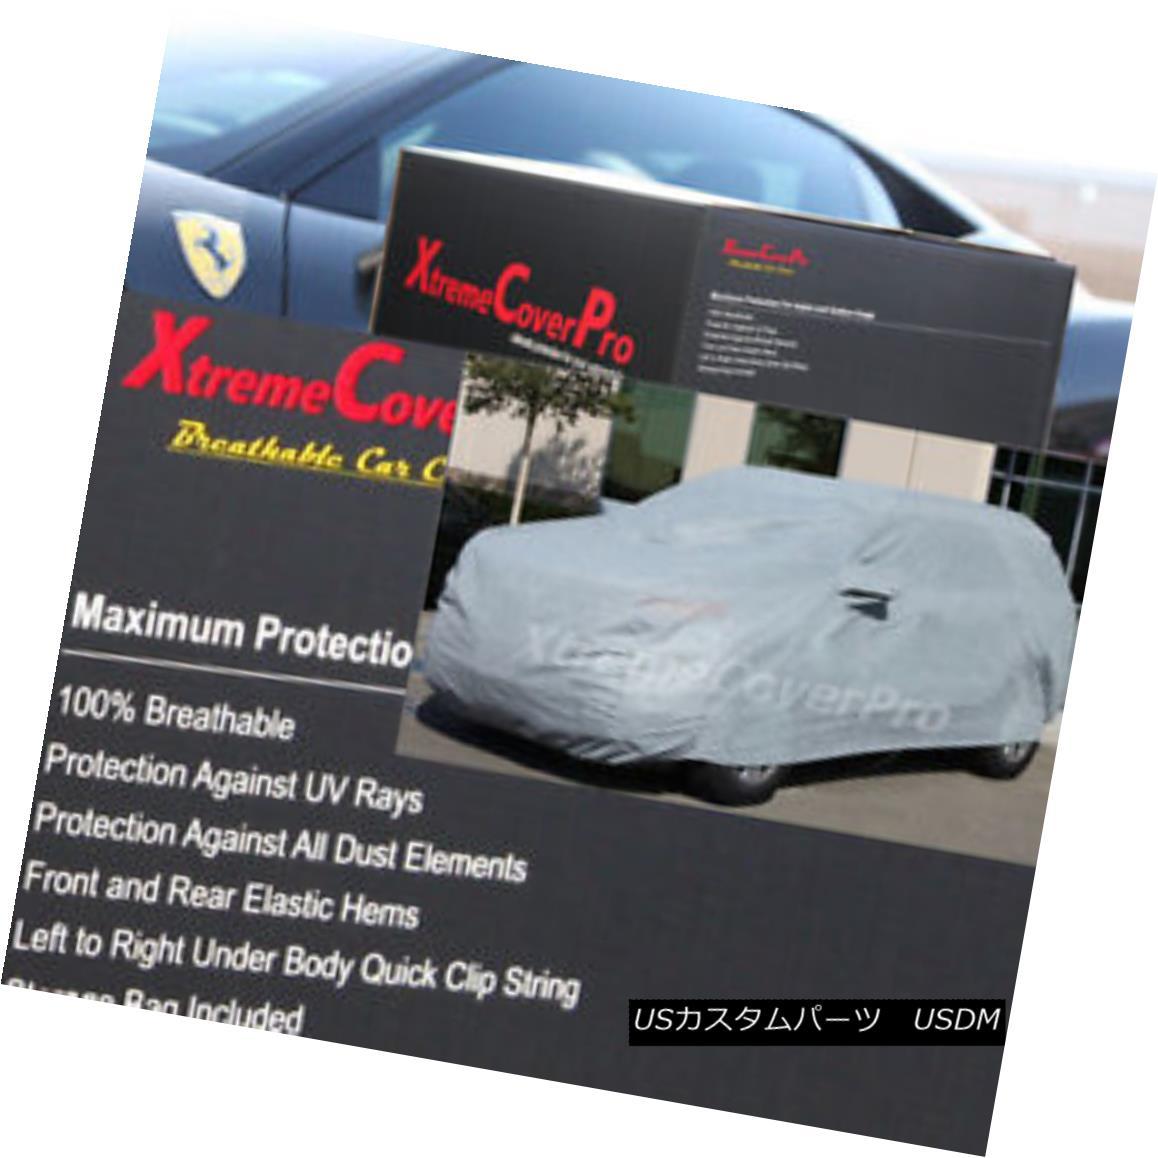 カーカバー 2005 2006 2007 Mercury Mariner Breathable Car Cover w/MirrorPocket 2005年2006年2007年マーキュリーマリナー通気性車カバー付きMirrorPocket